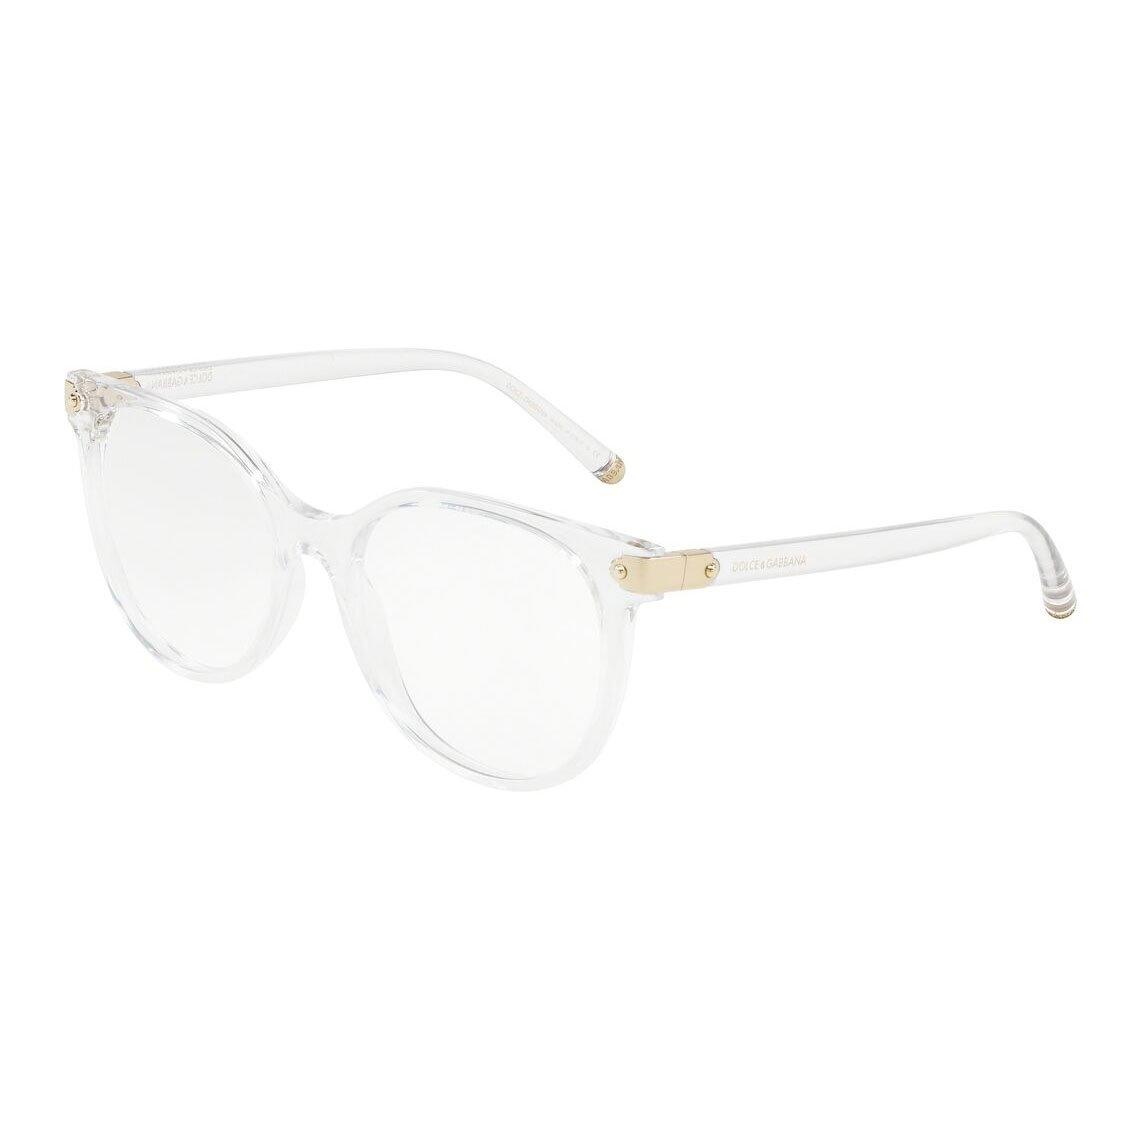 Dolce & Gabbana DG5032 3133 5317